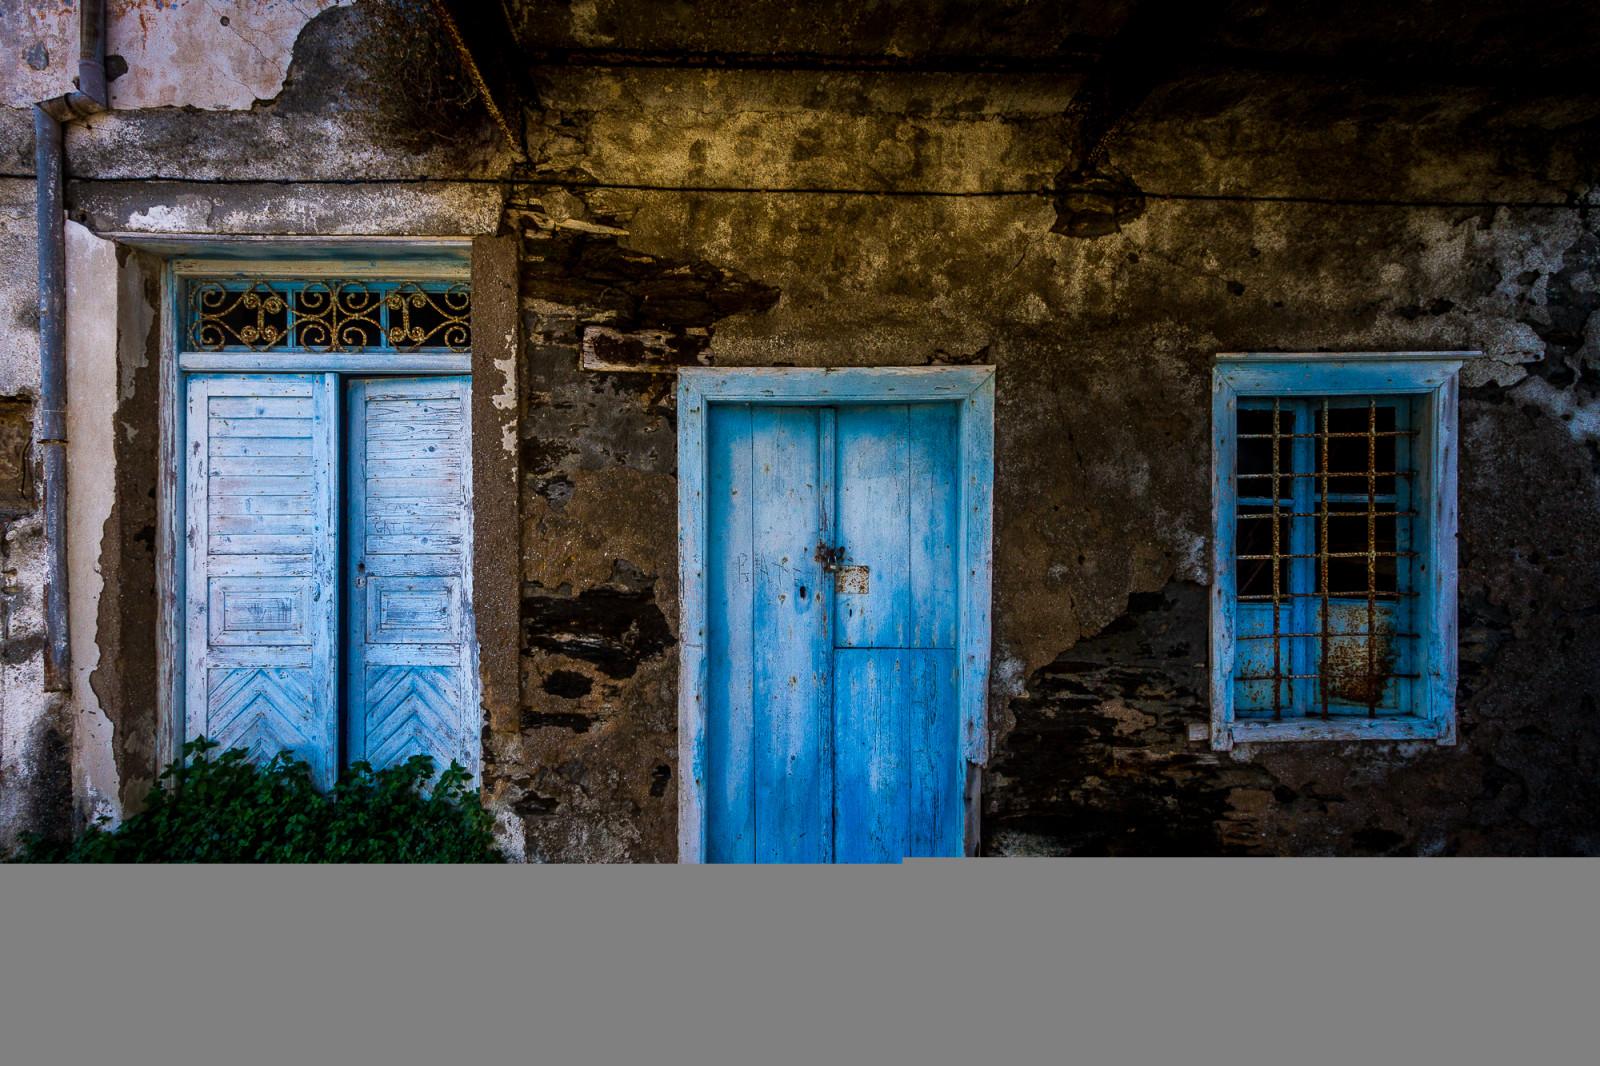 Fond d 39 cran color fen tre mur maison bleu grec for Fenetre urbaine